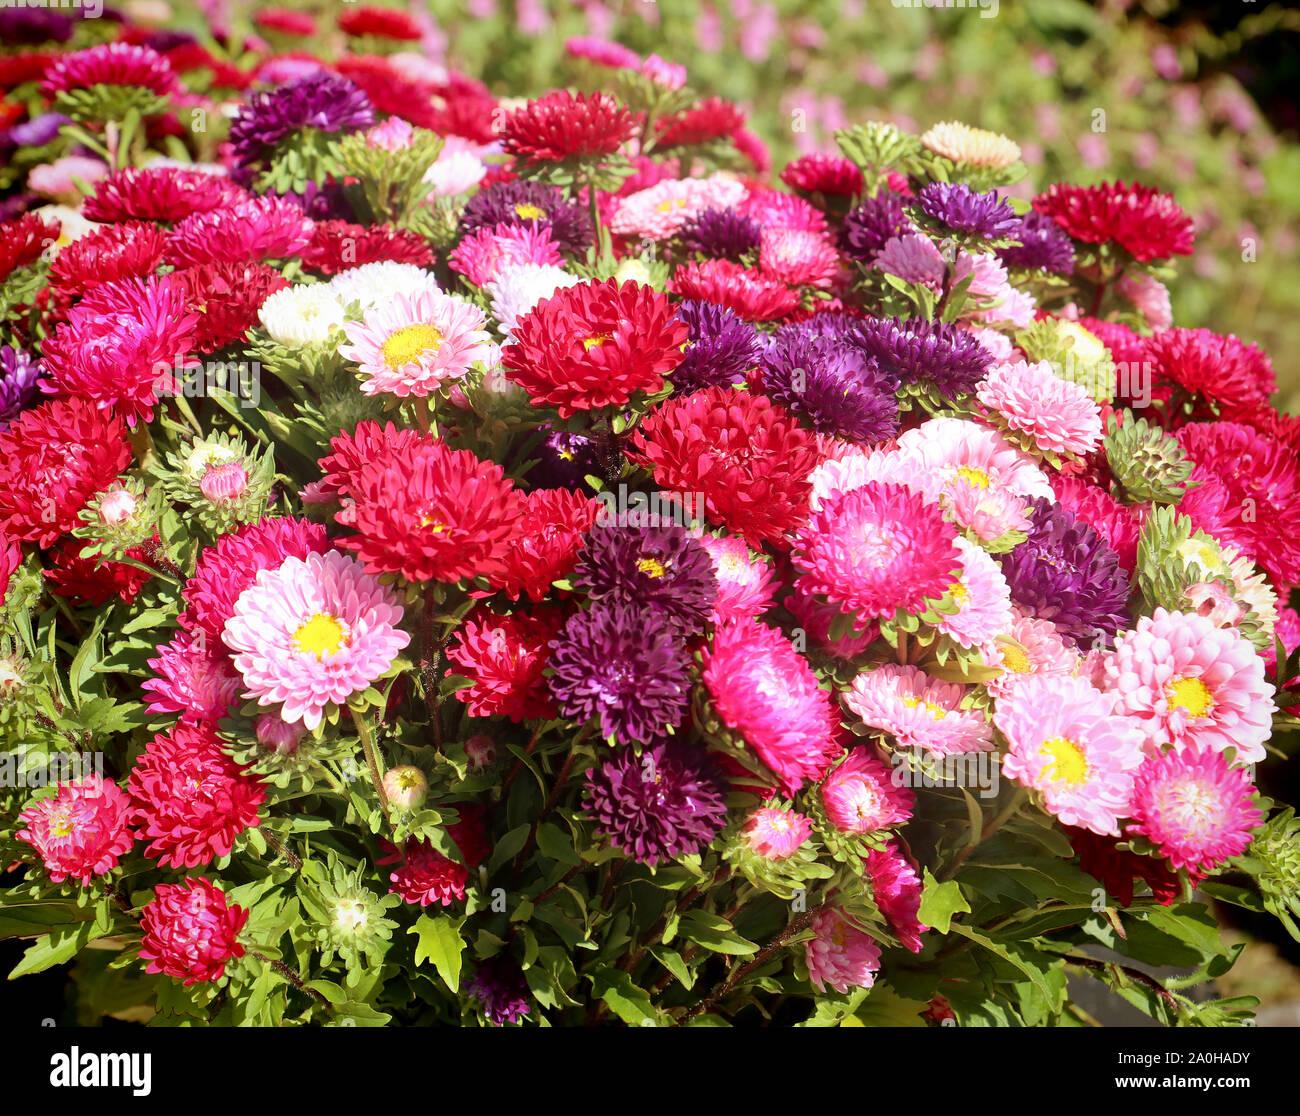 La culture des fleurs en Bavière:close up of colorful fleurs aster en été prêt pour le marché floral Banque D'Images